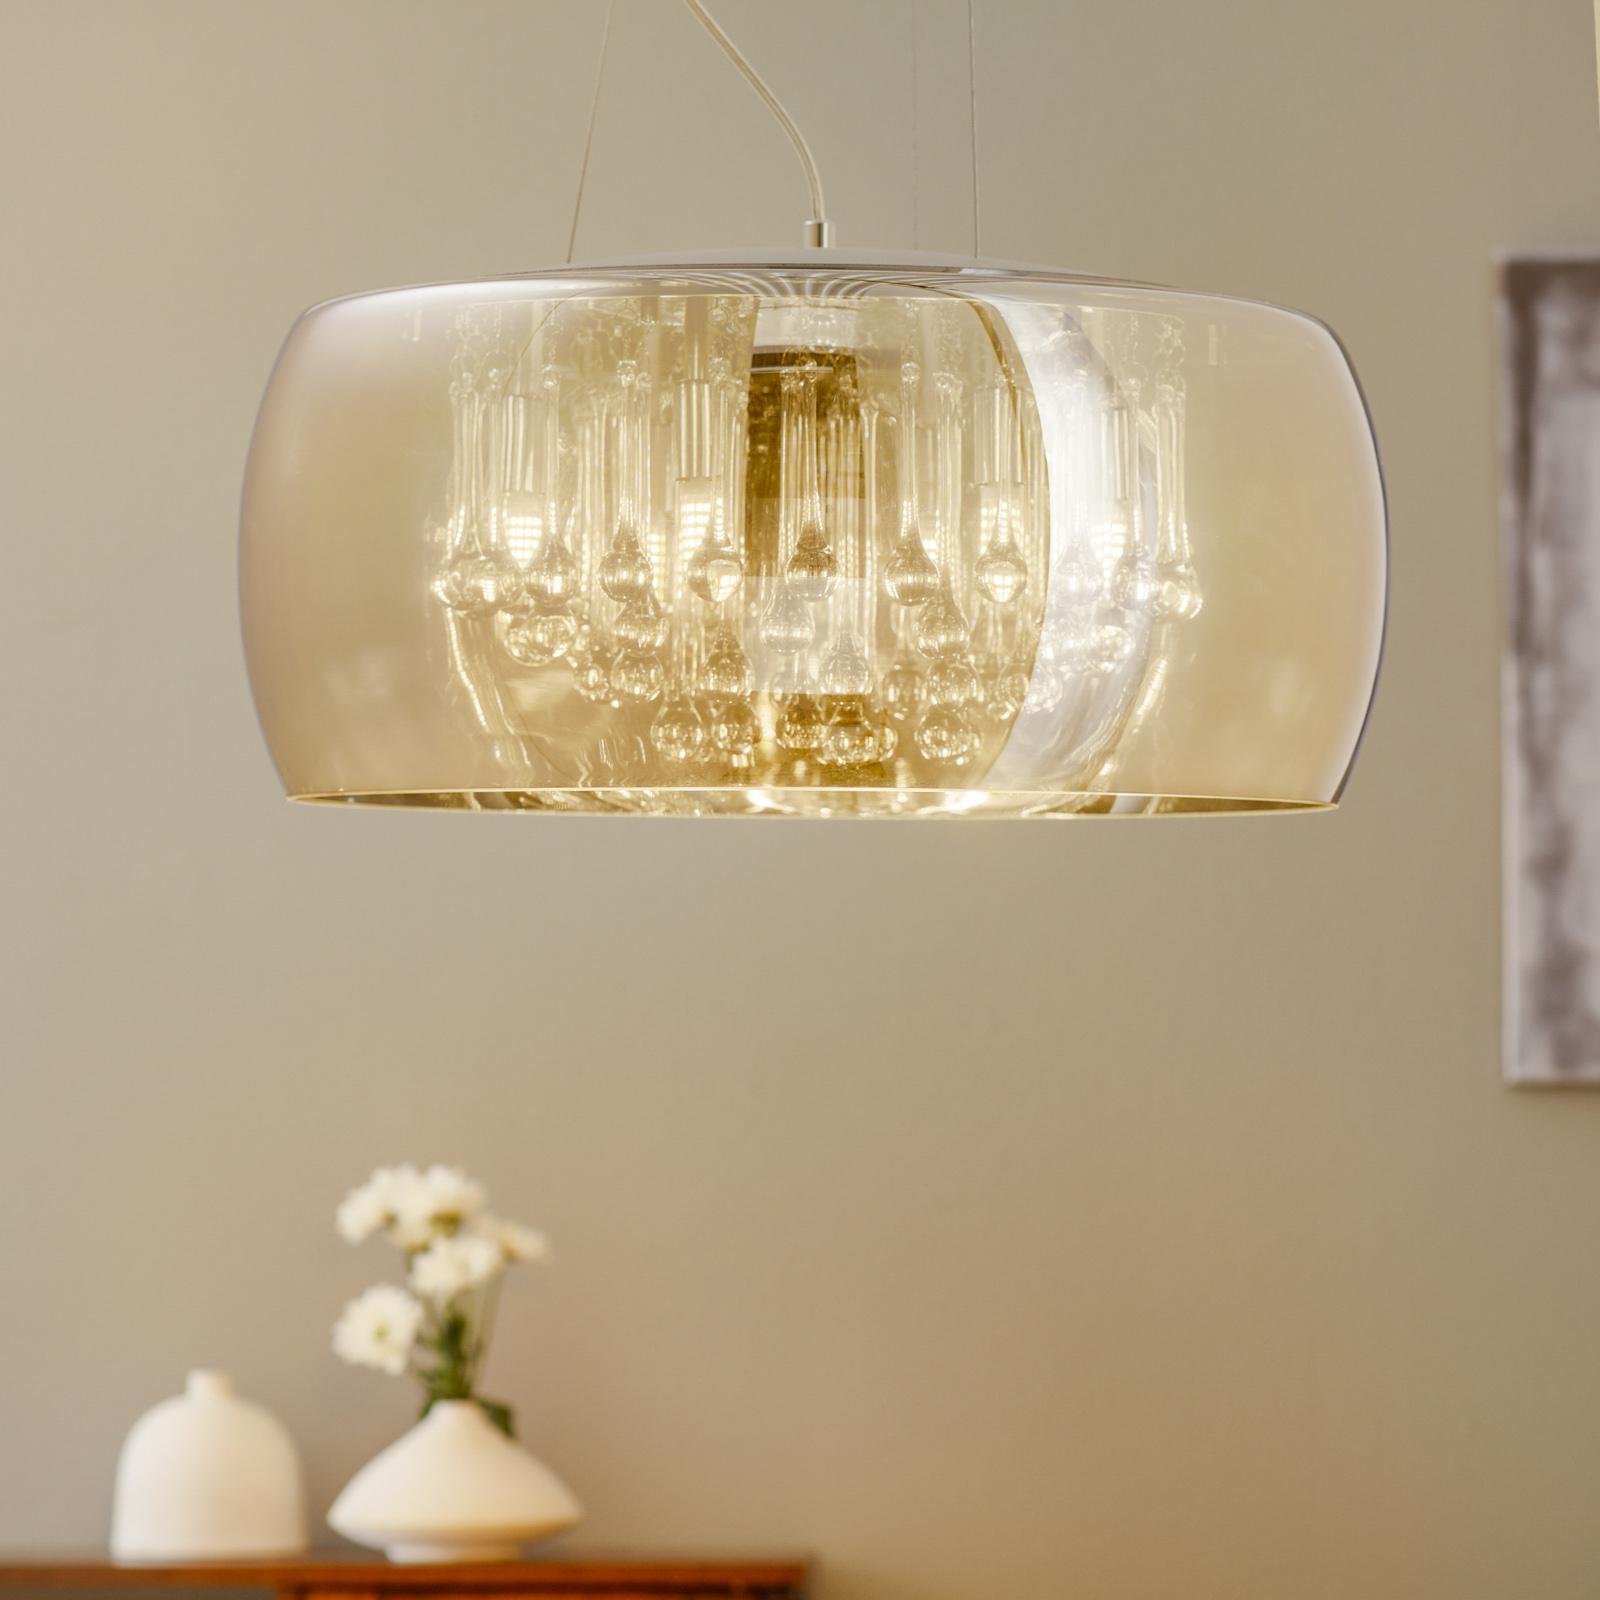 LED-riippuvalaisin Argos kristallipisaroilla Ø50cm